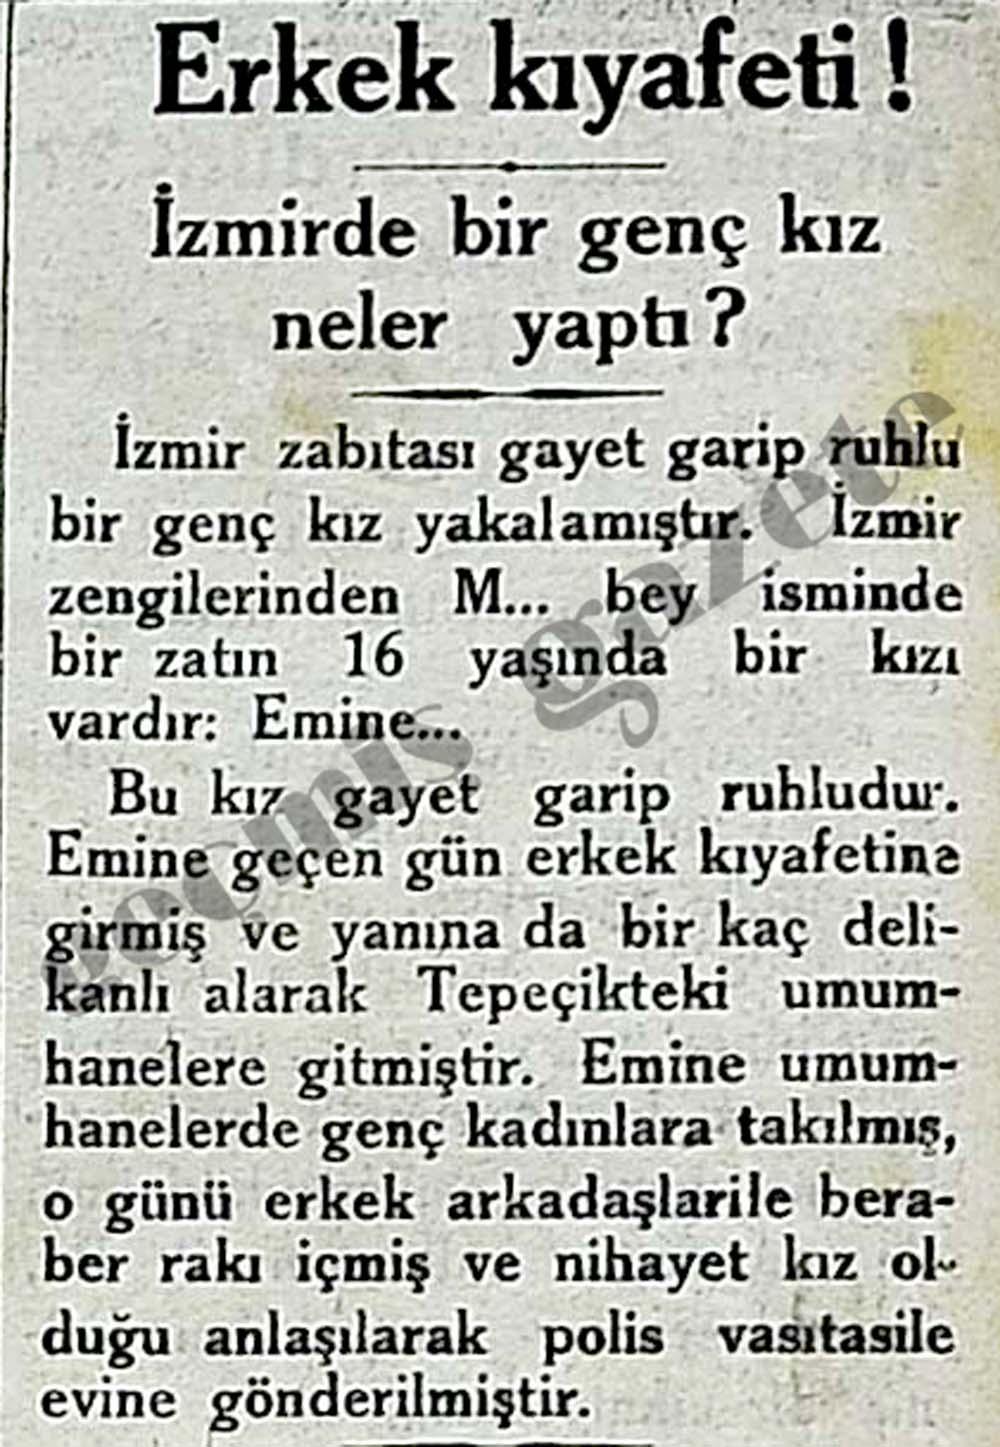 İzmir zabıtası gayet garip ruhlu bir genç kız yakalamıştır